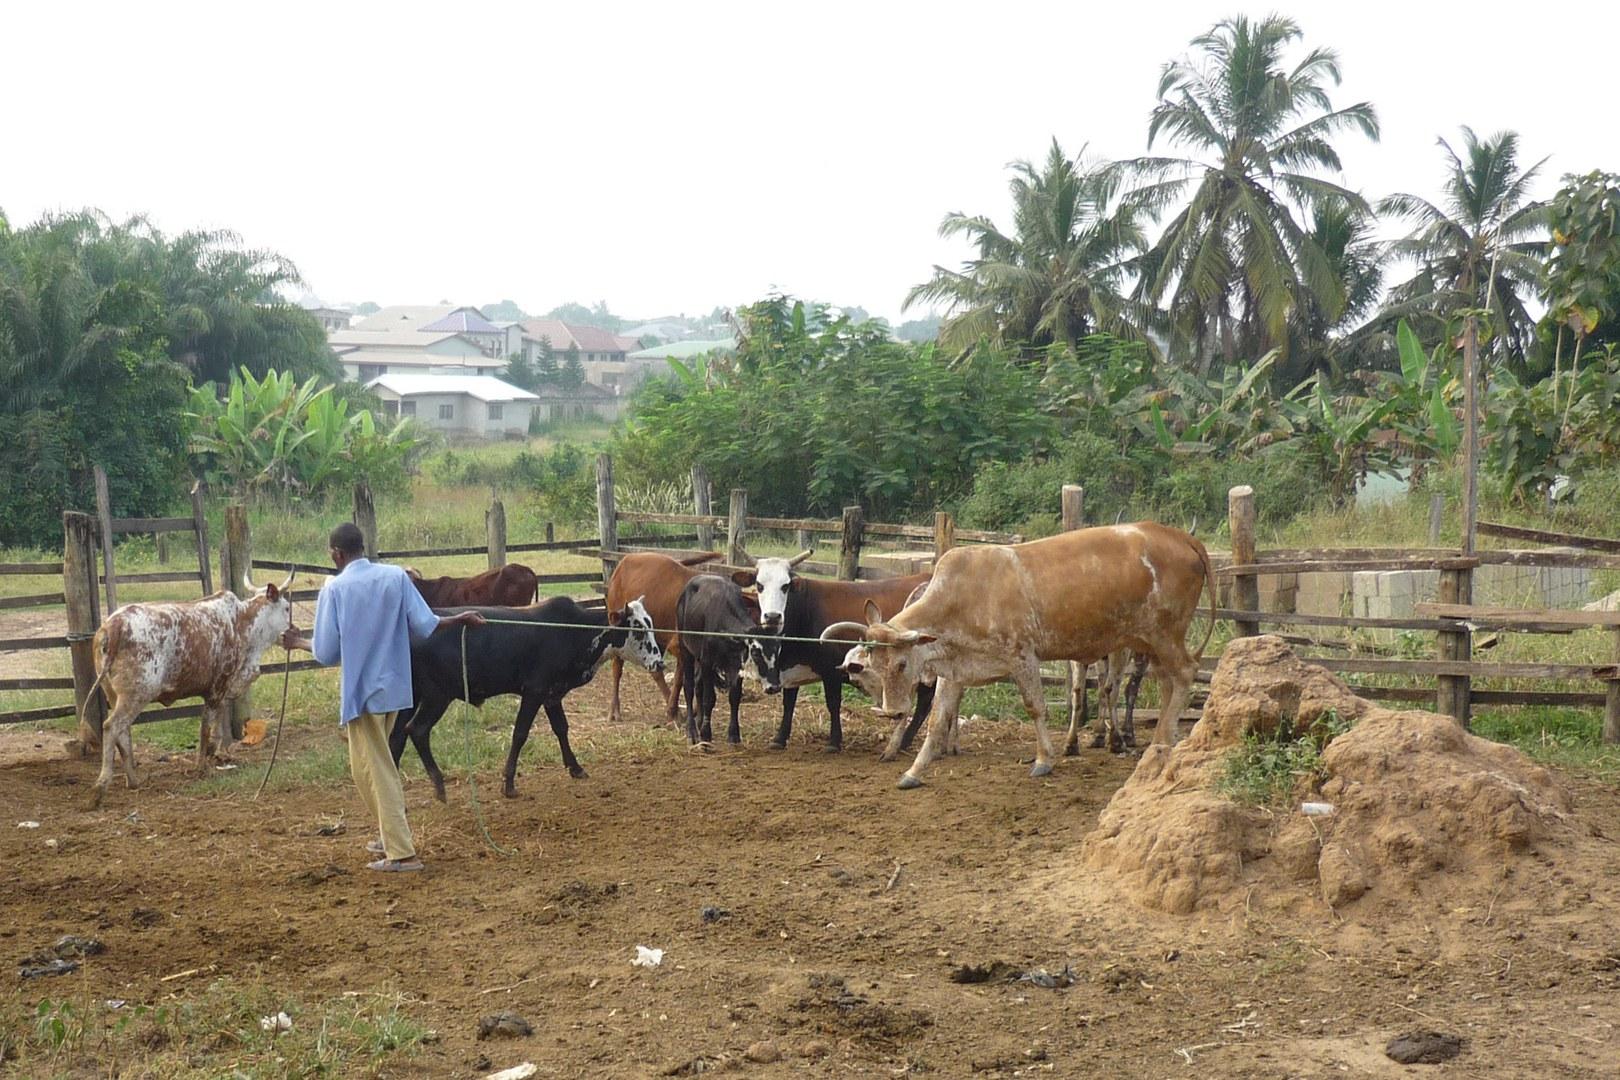 Rinderhaltung in Ghana: